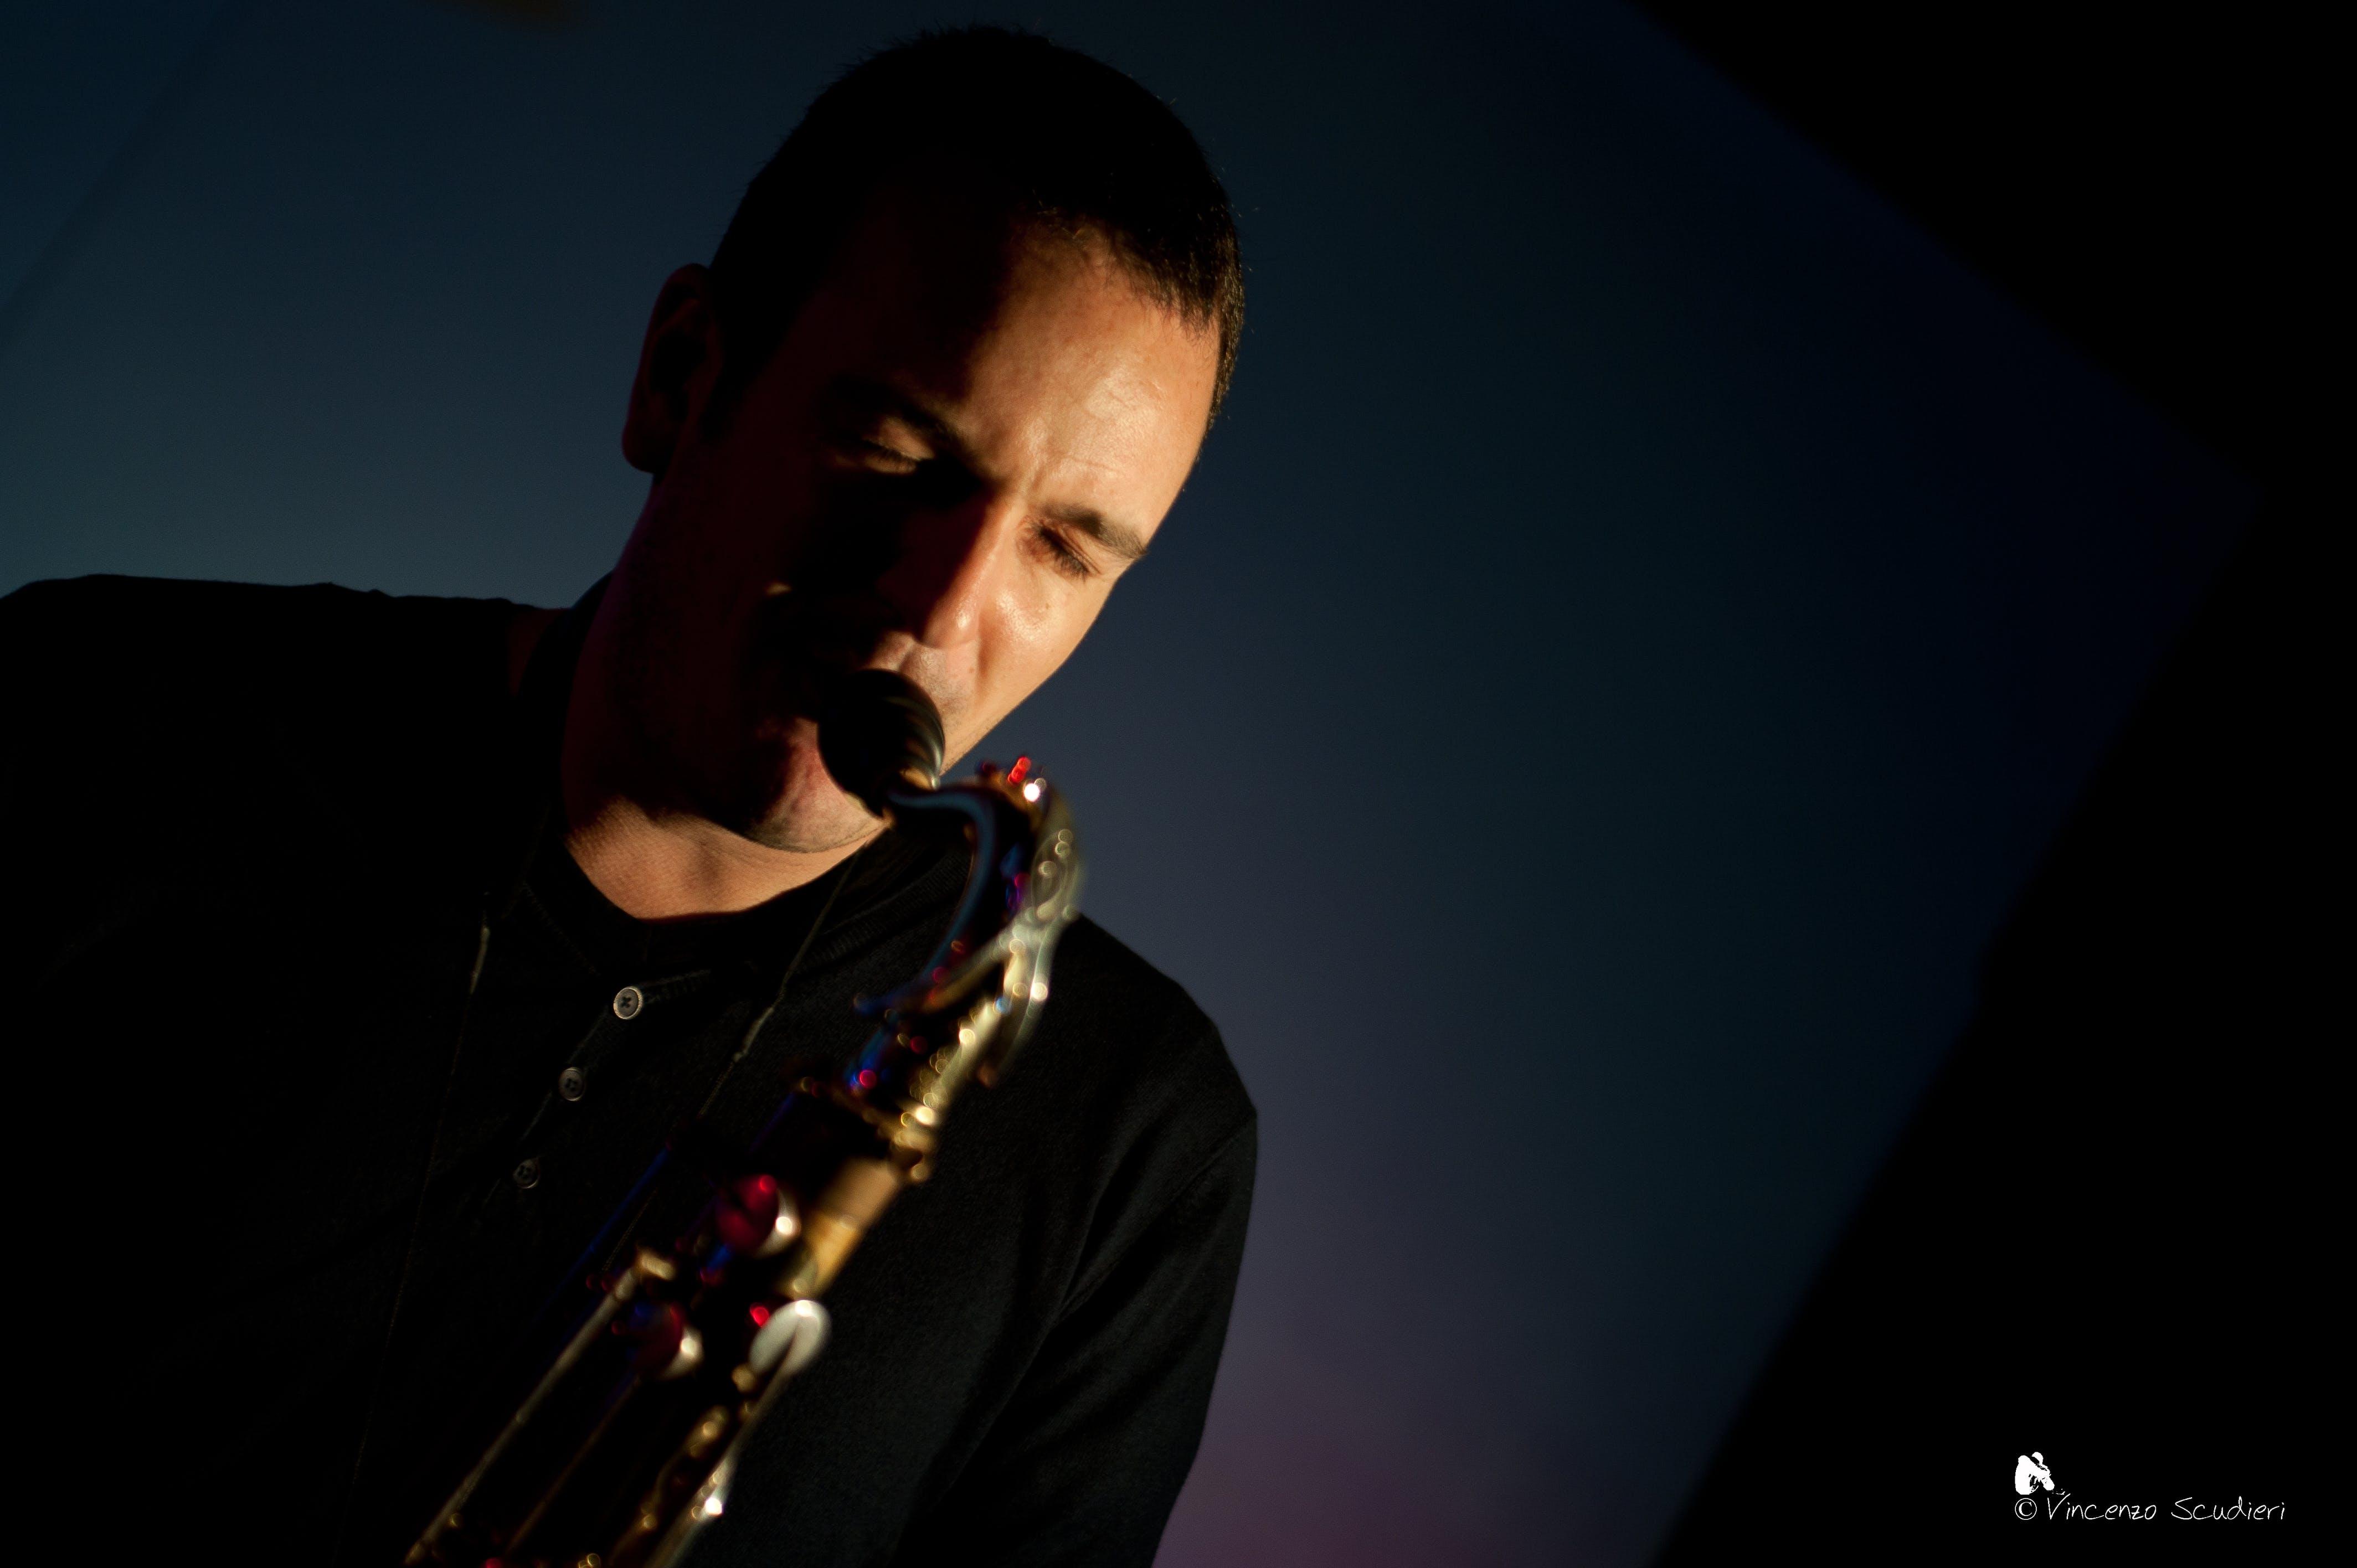 Cours de Saxophone, Musique Jazz, Solfège à Bruxelles, Belgique